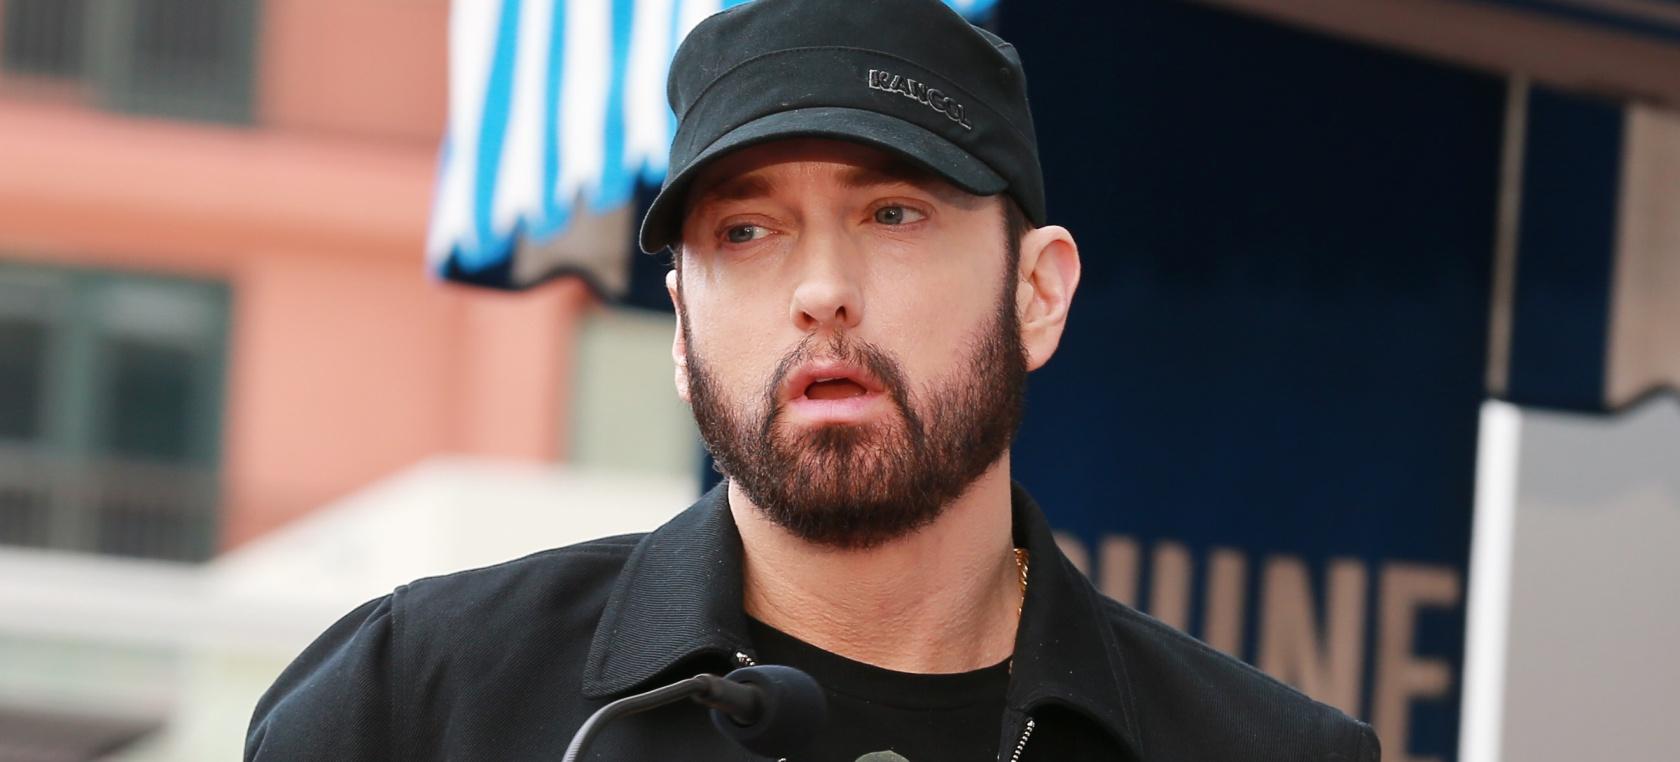 La terrorífica historia del hombre que intentó asesinar a Eminem en su casa: se despertó y lo vio allí